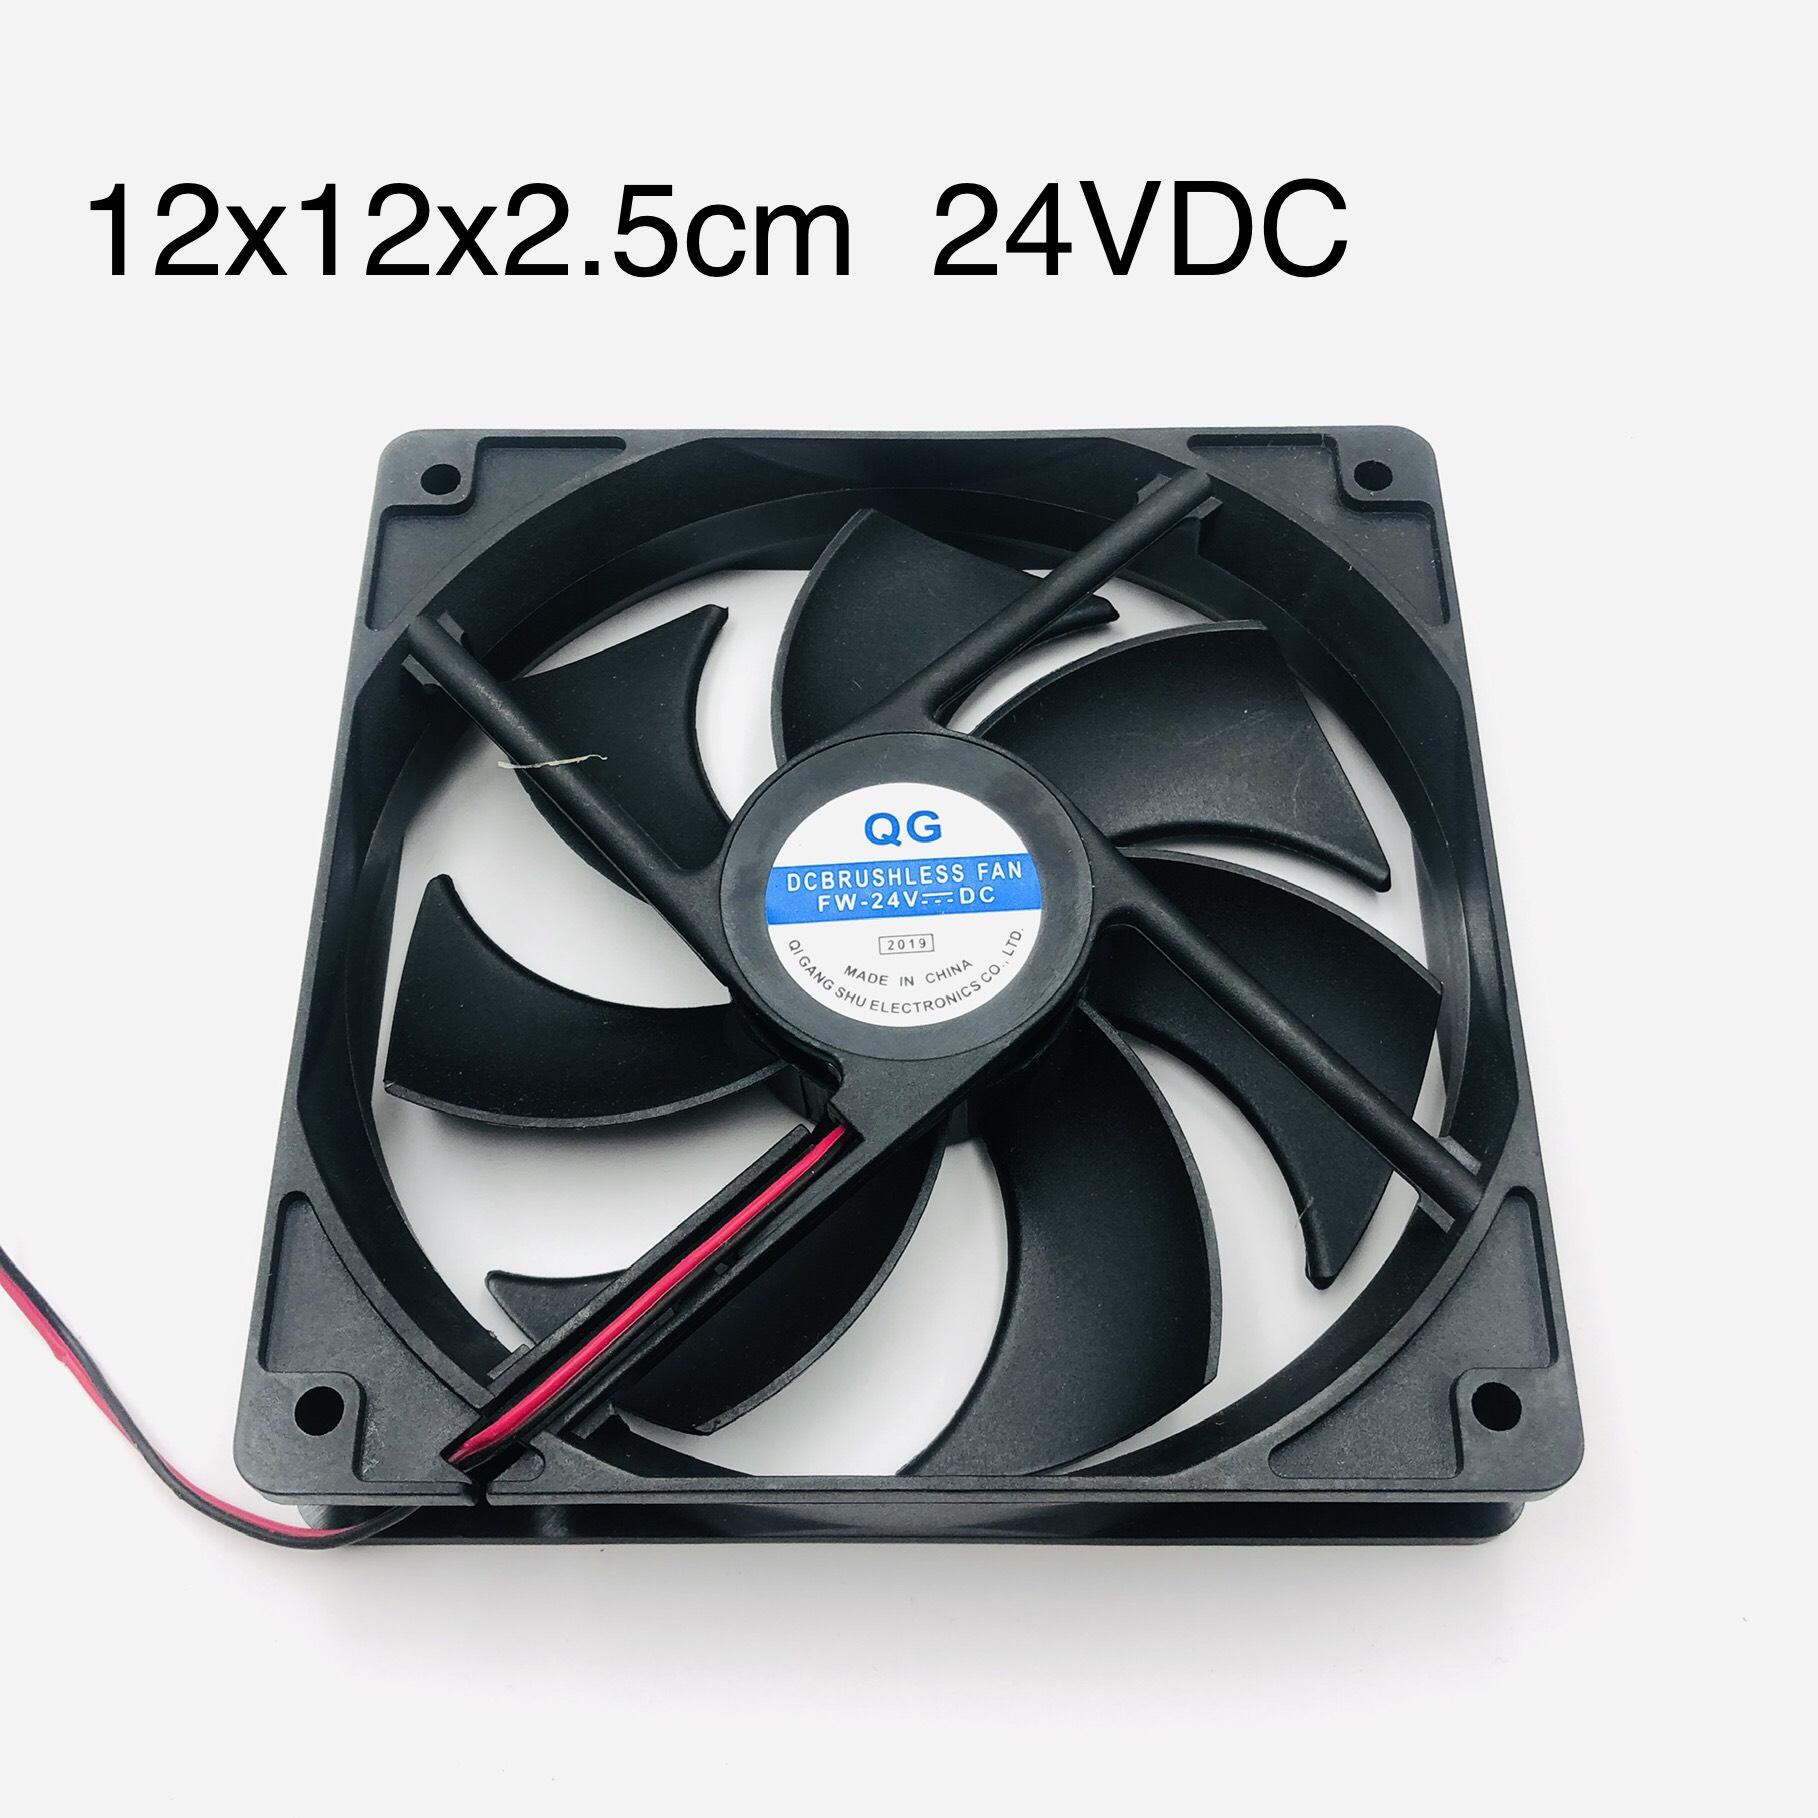 Quạt tản nhiệt 12x12x2.5cm 24VDC -